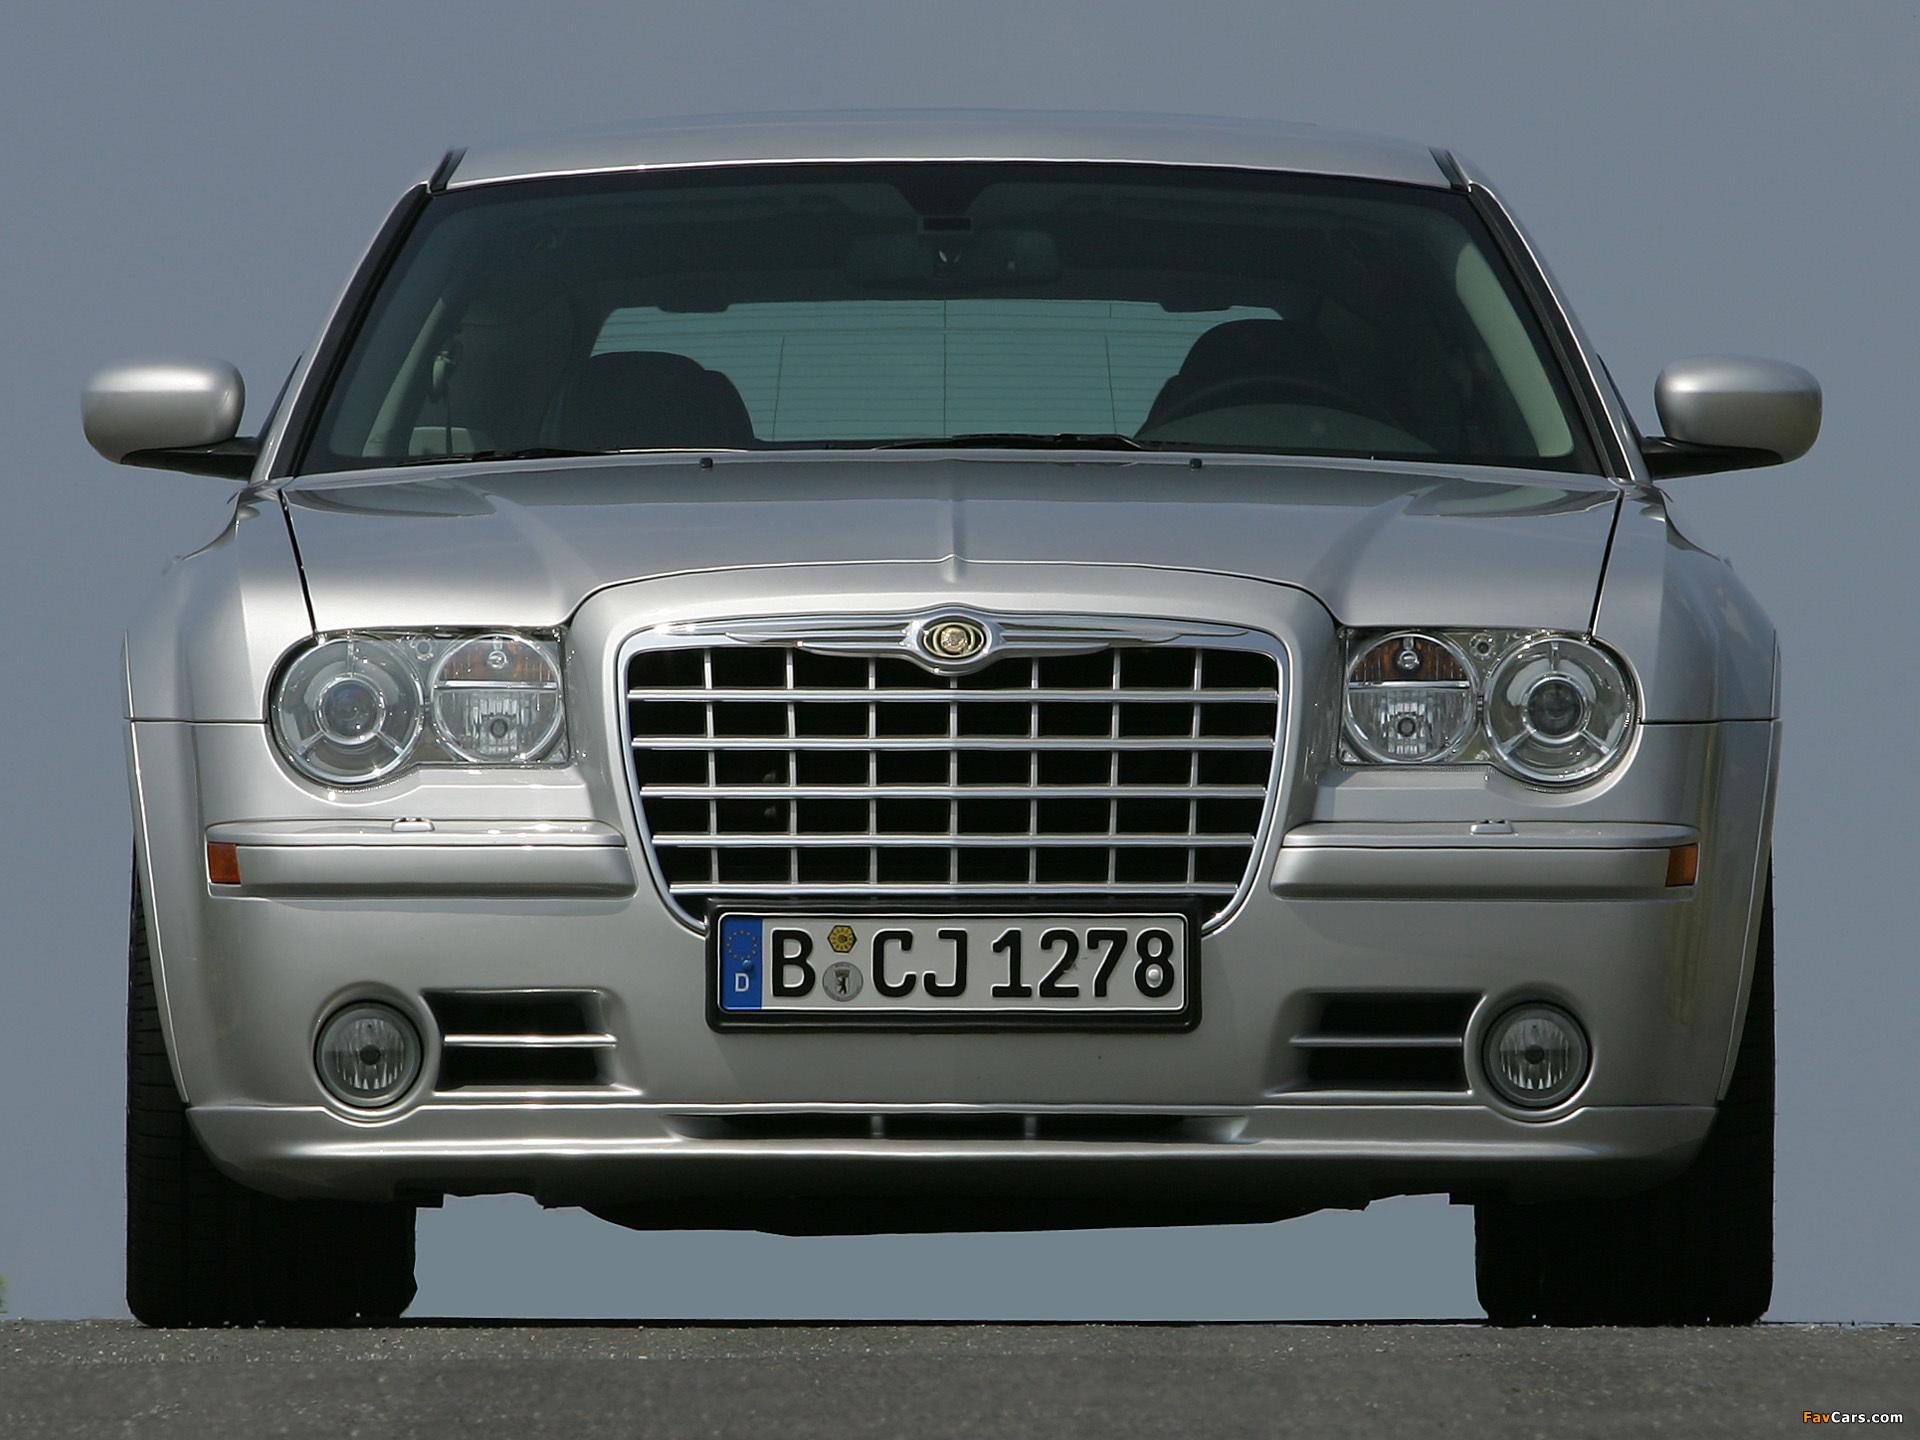 Photos Of Chrysler 300c Srt8 Touring 2006 10 1920x1440